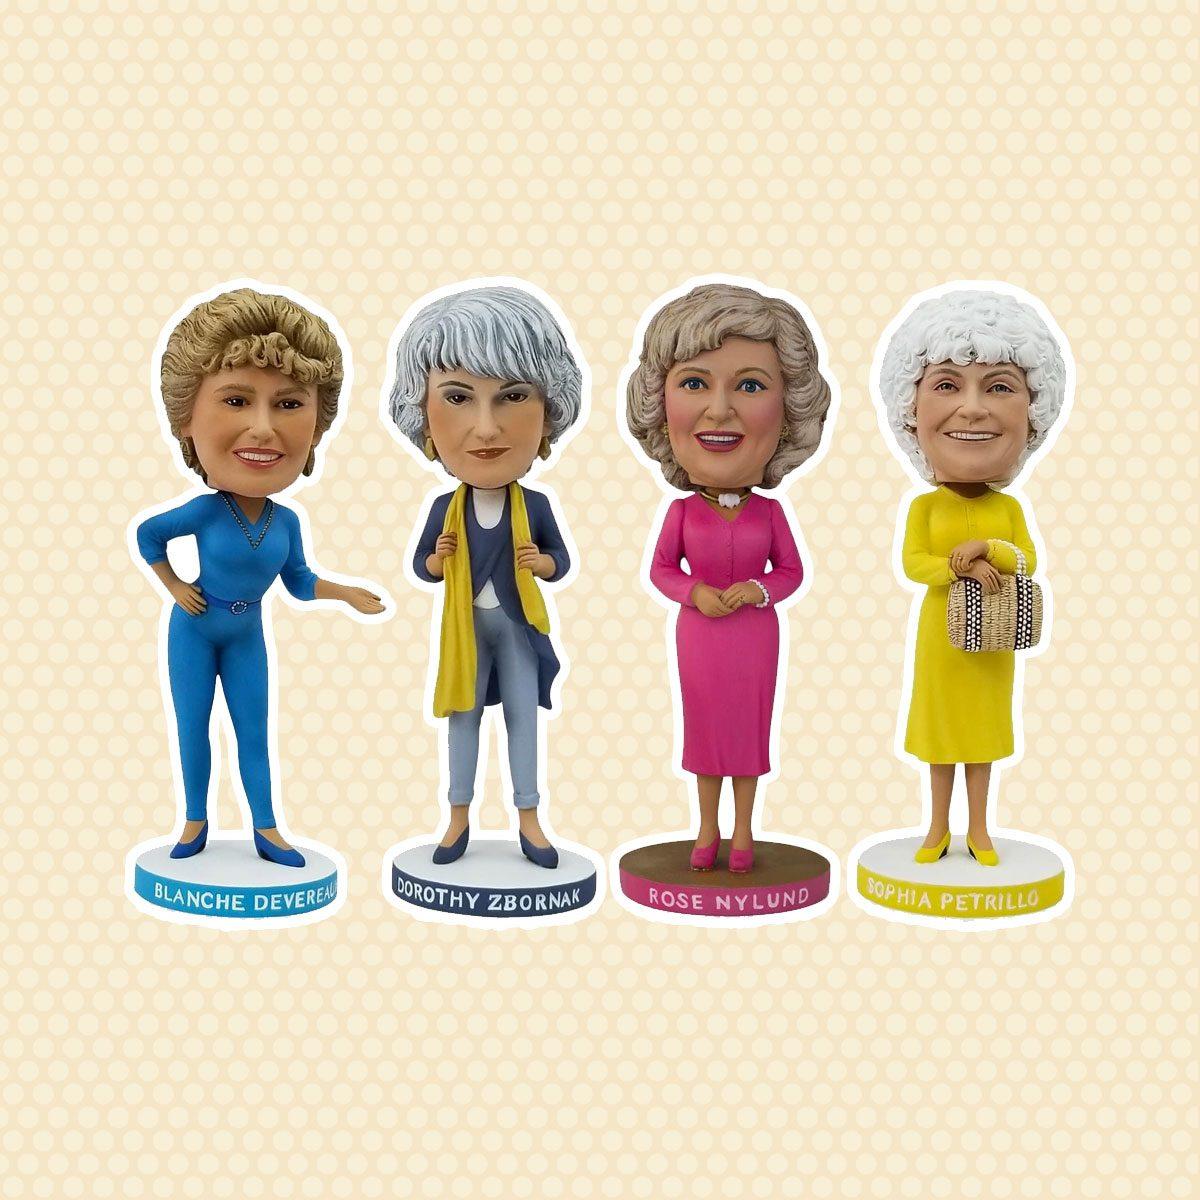 THE GOLDEN GIRLS 8 INCH RESIN BOBBLEHEAD SET OF 4 | ROSE | BLANCHE | SOPHIA | DOROTHY